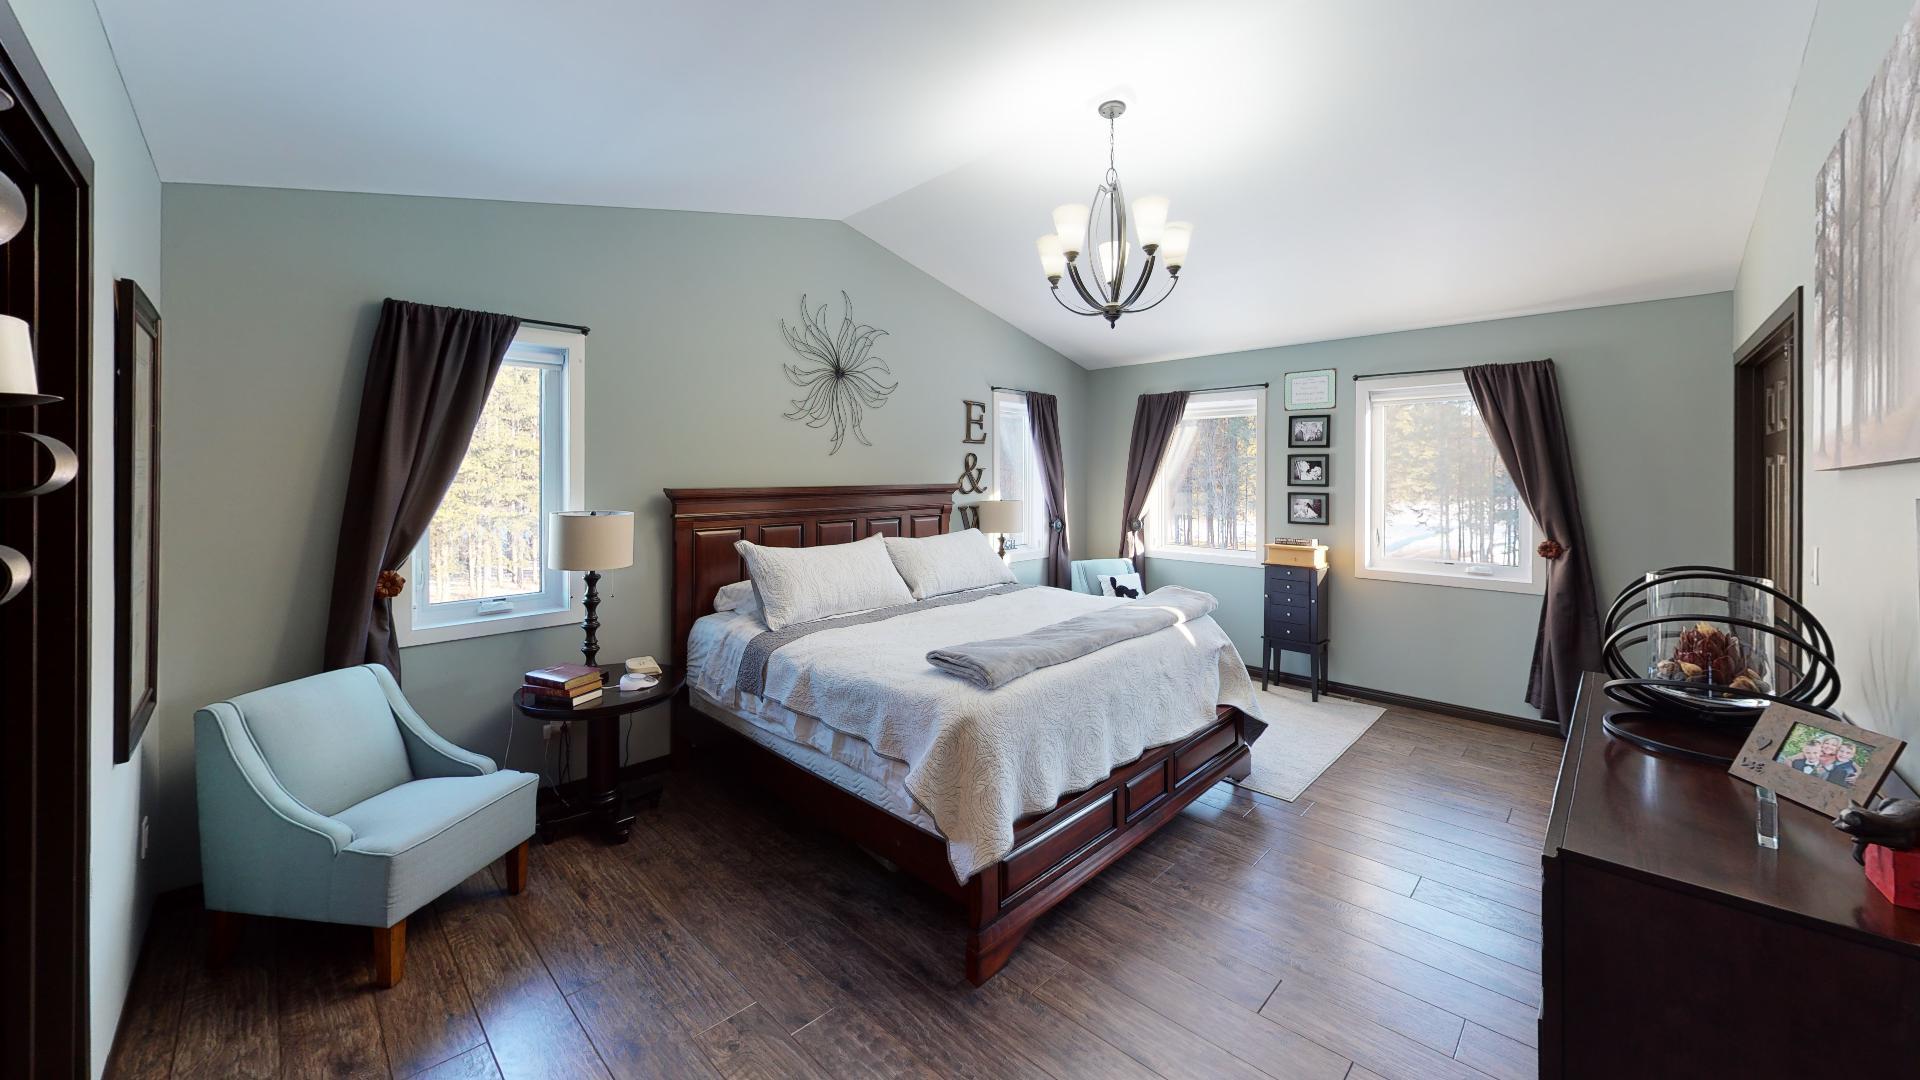 Demo-House-Bedroom.jpg